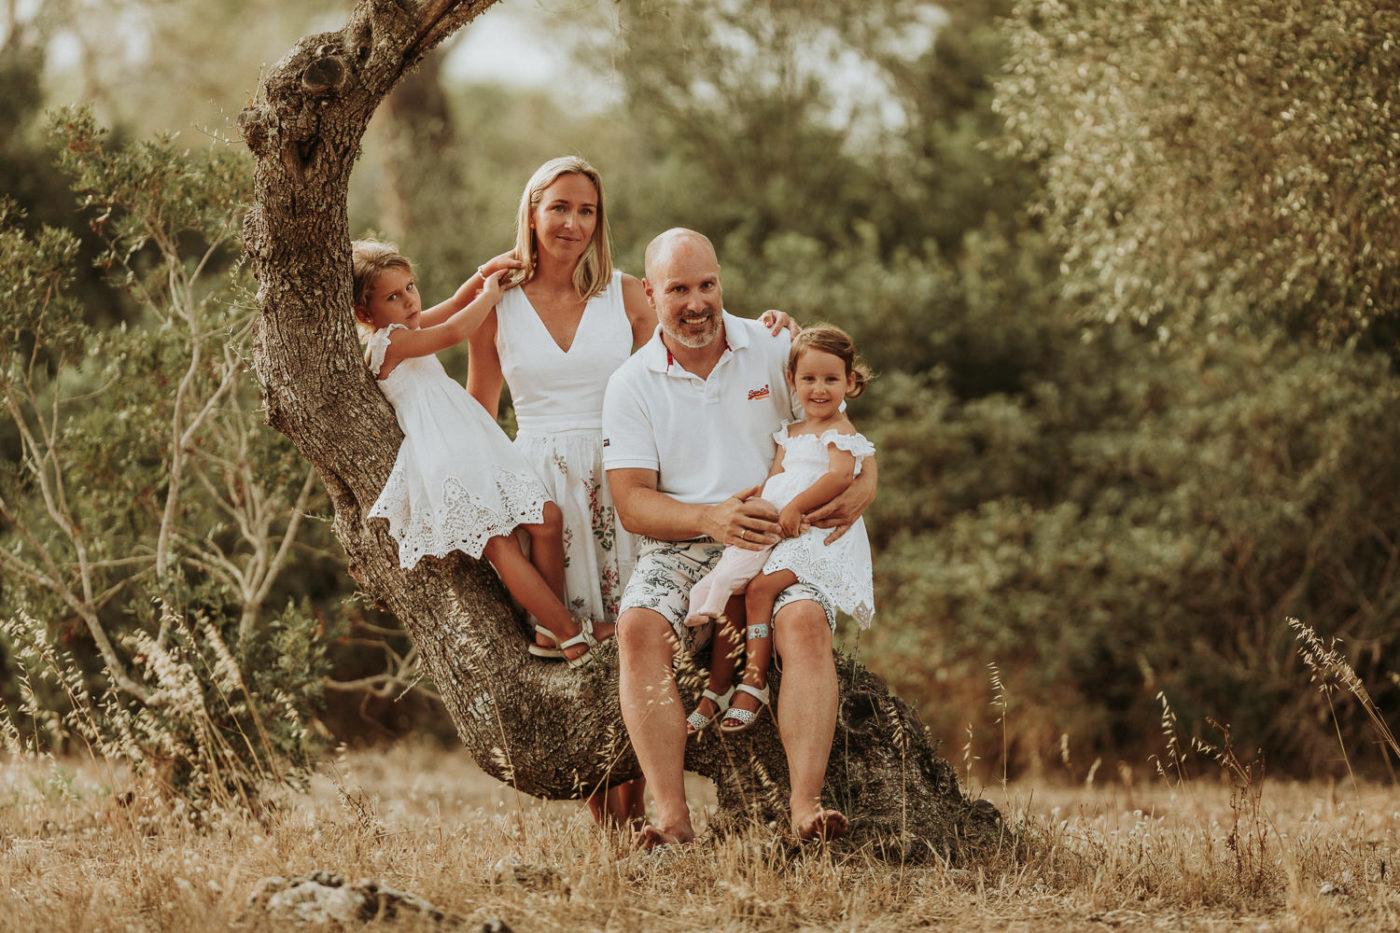 Farbiges Familiengruppenfoto zwischen wilden Olivenbäumen.